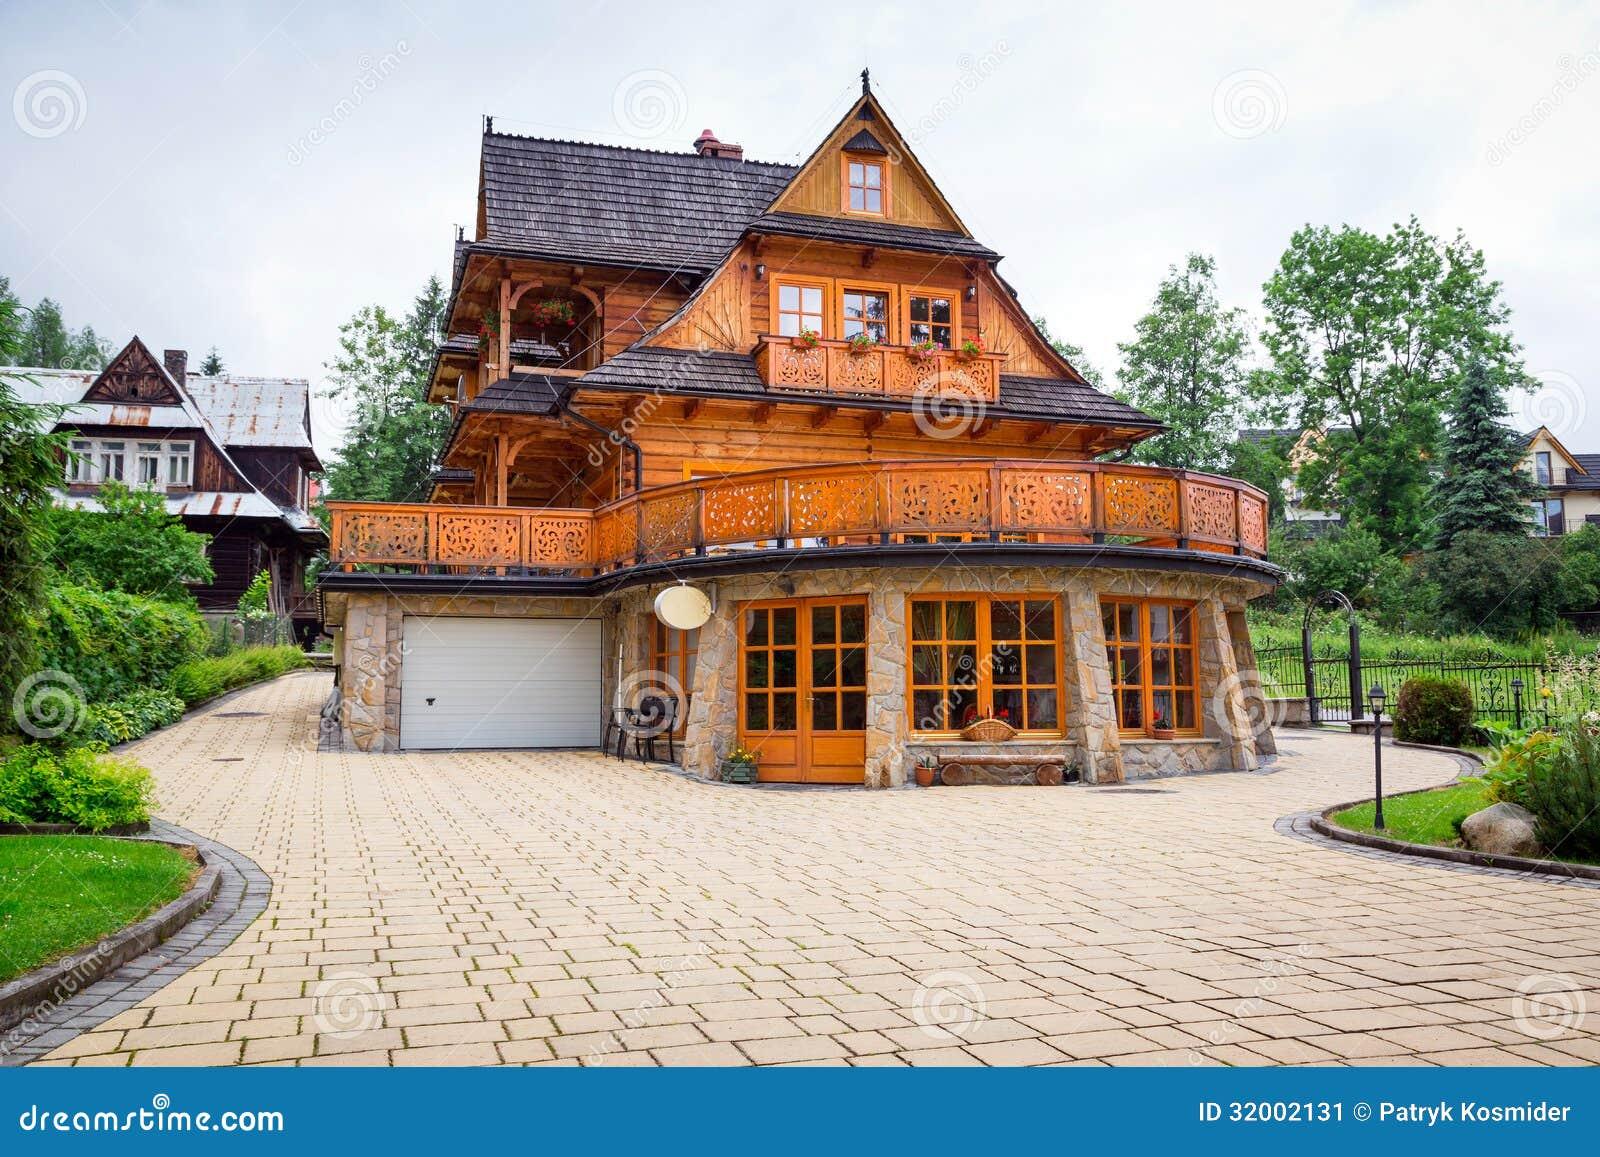 Architettura di legno tradizionale della casa in zakopane for Case di architettura spagnola